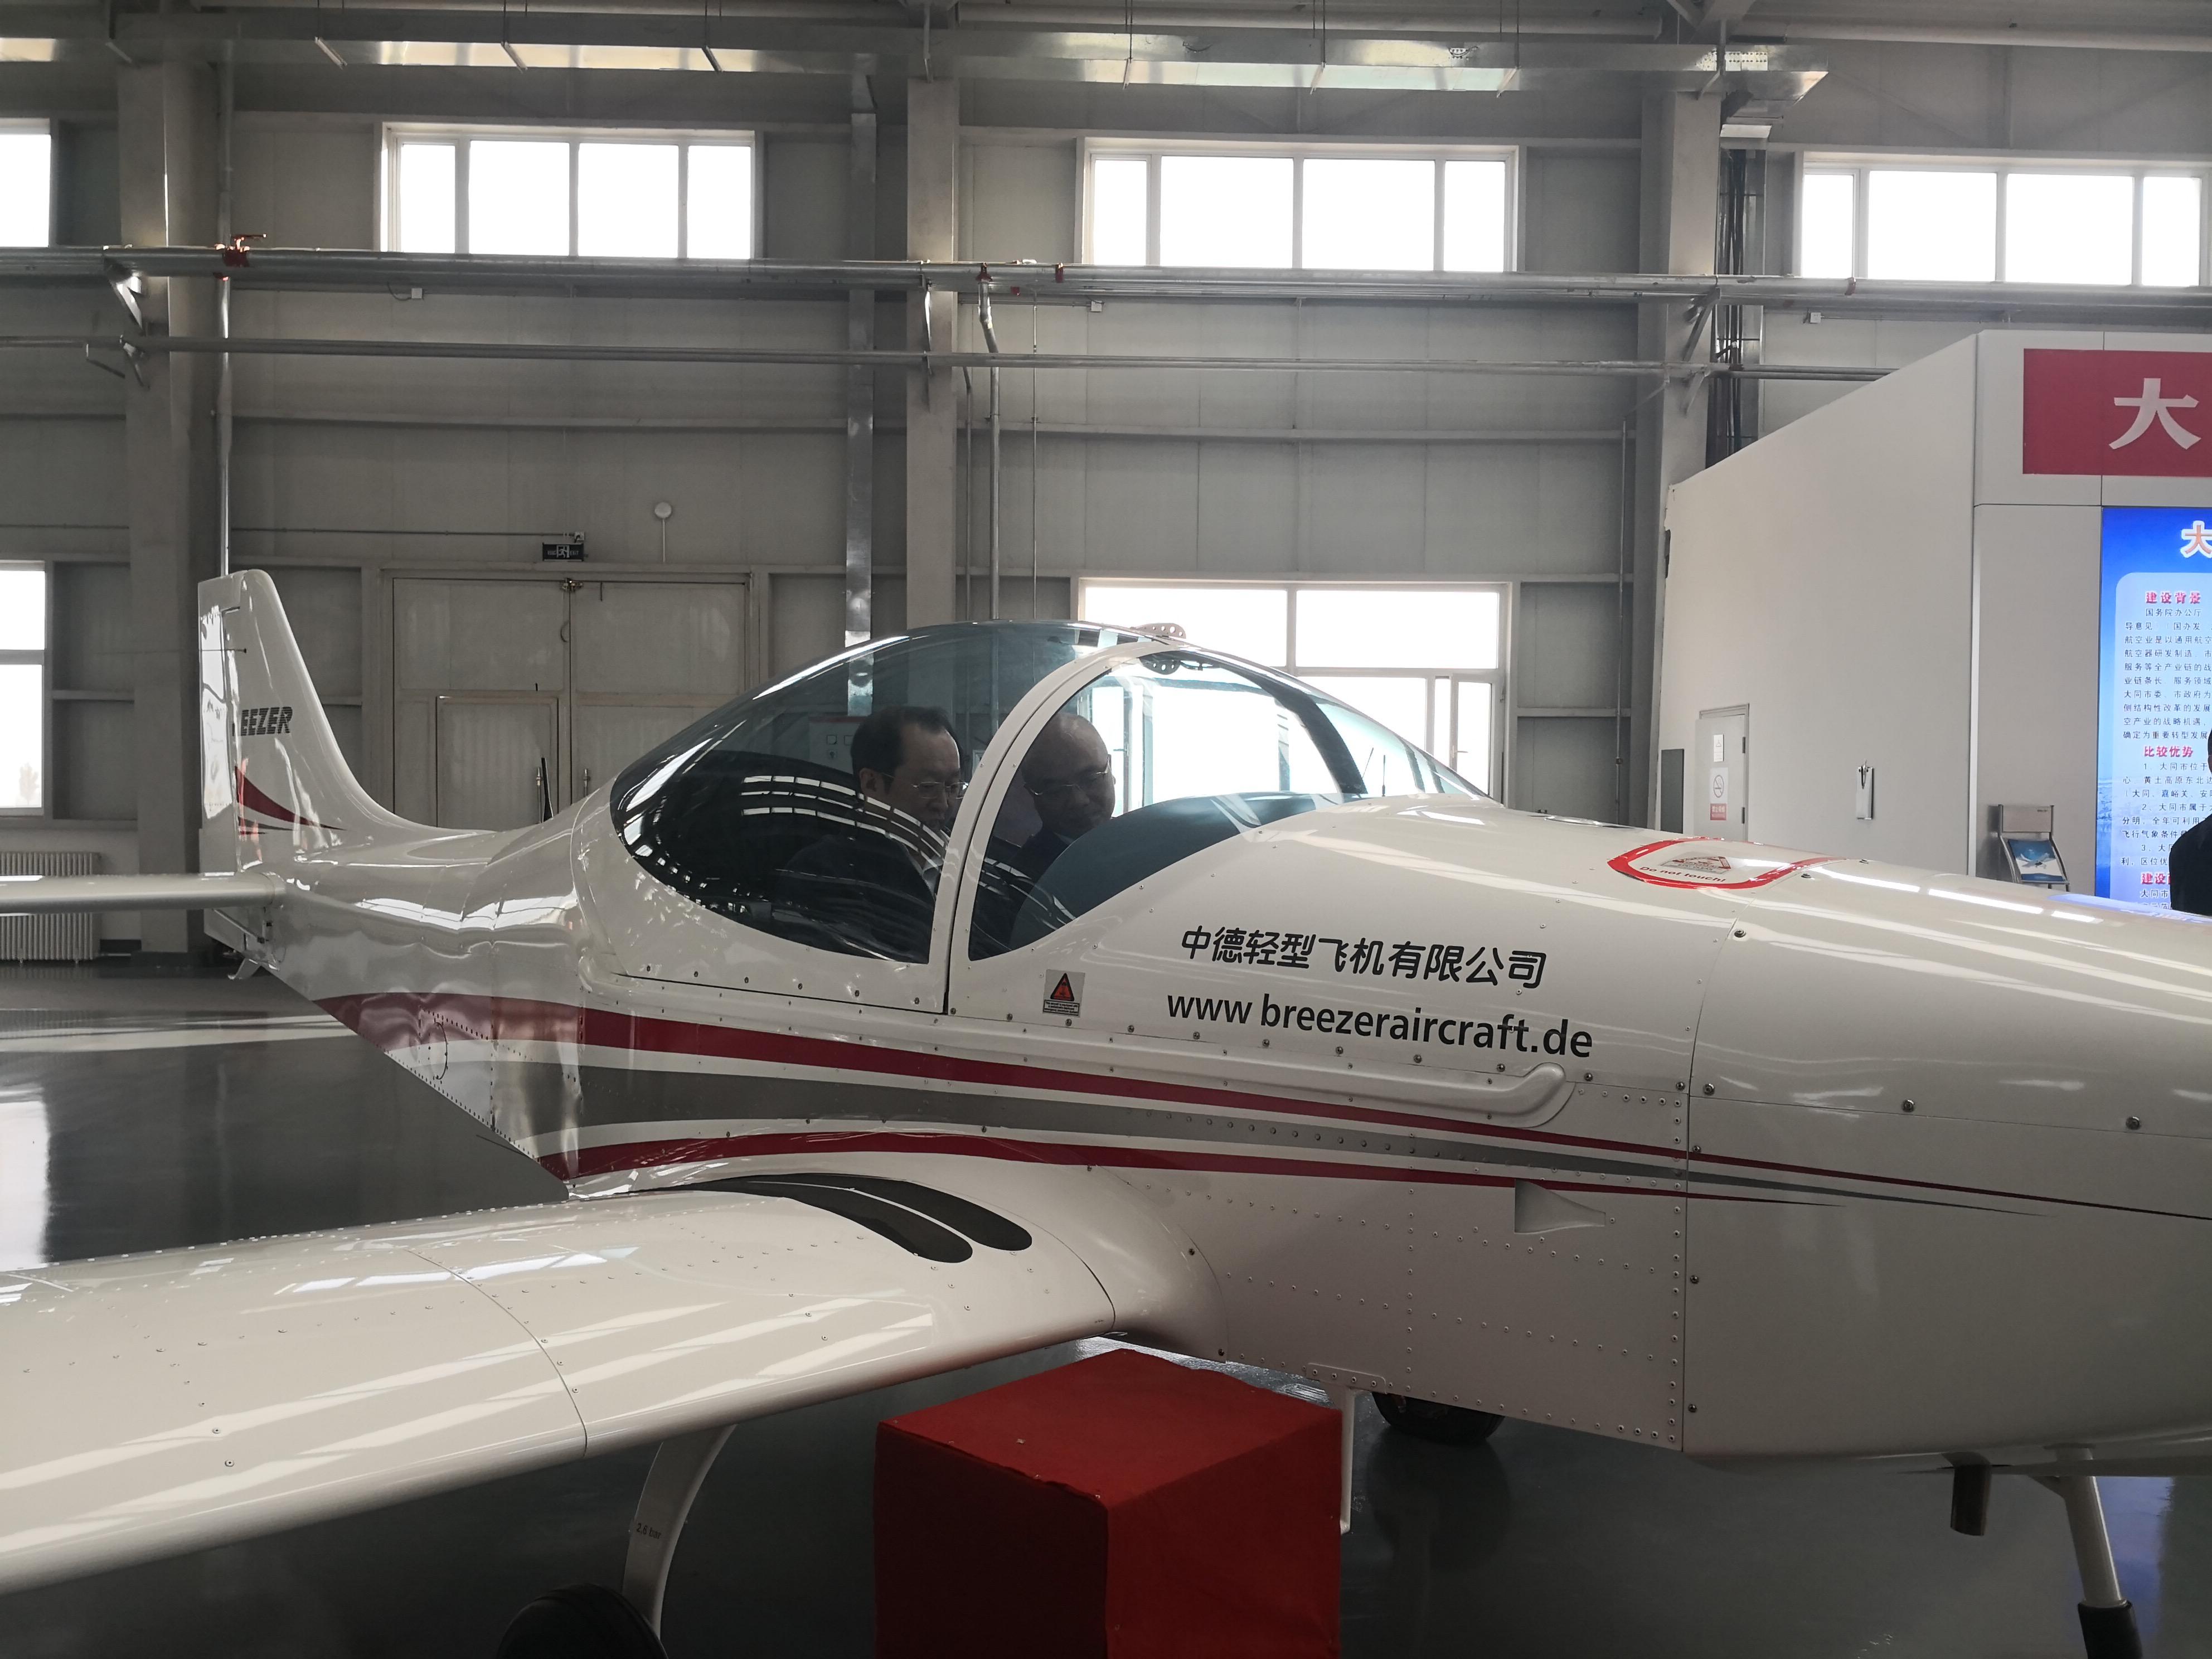 山西省副省长视察大同通航产业园-中德飞机